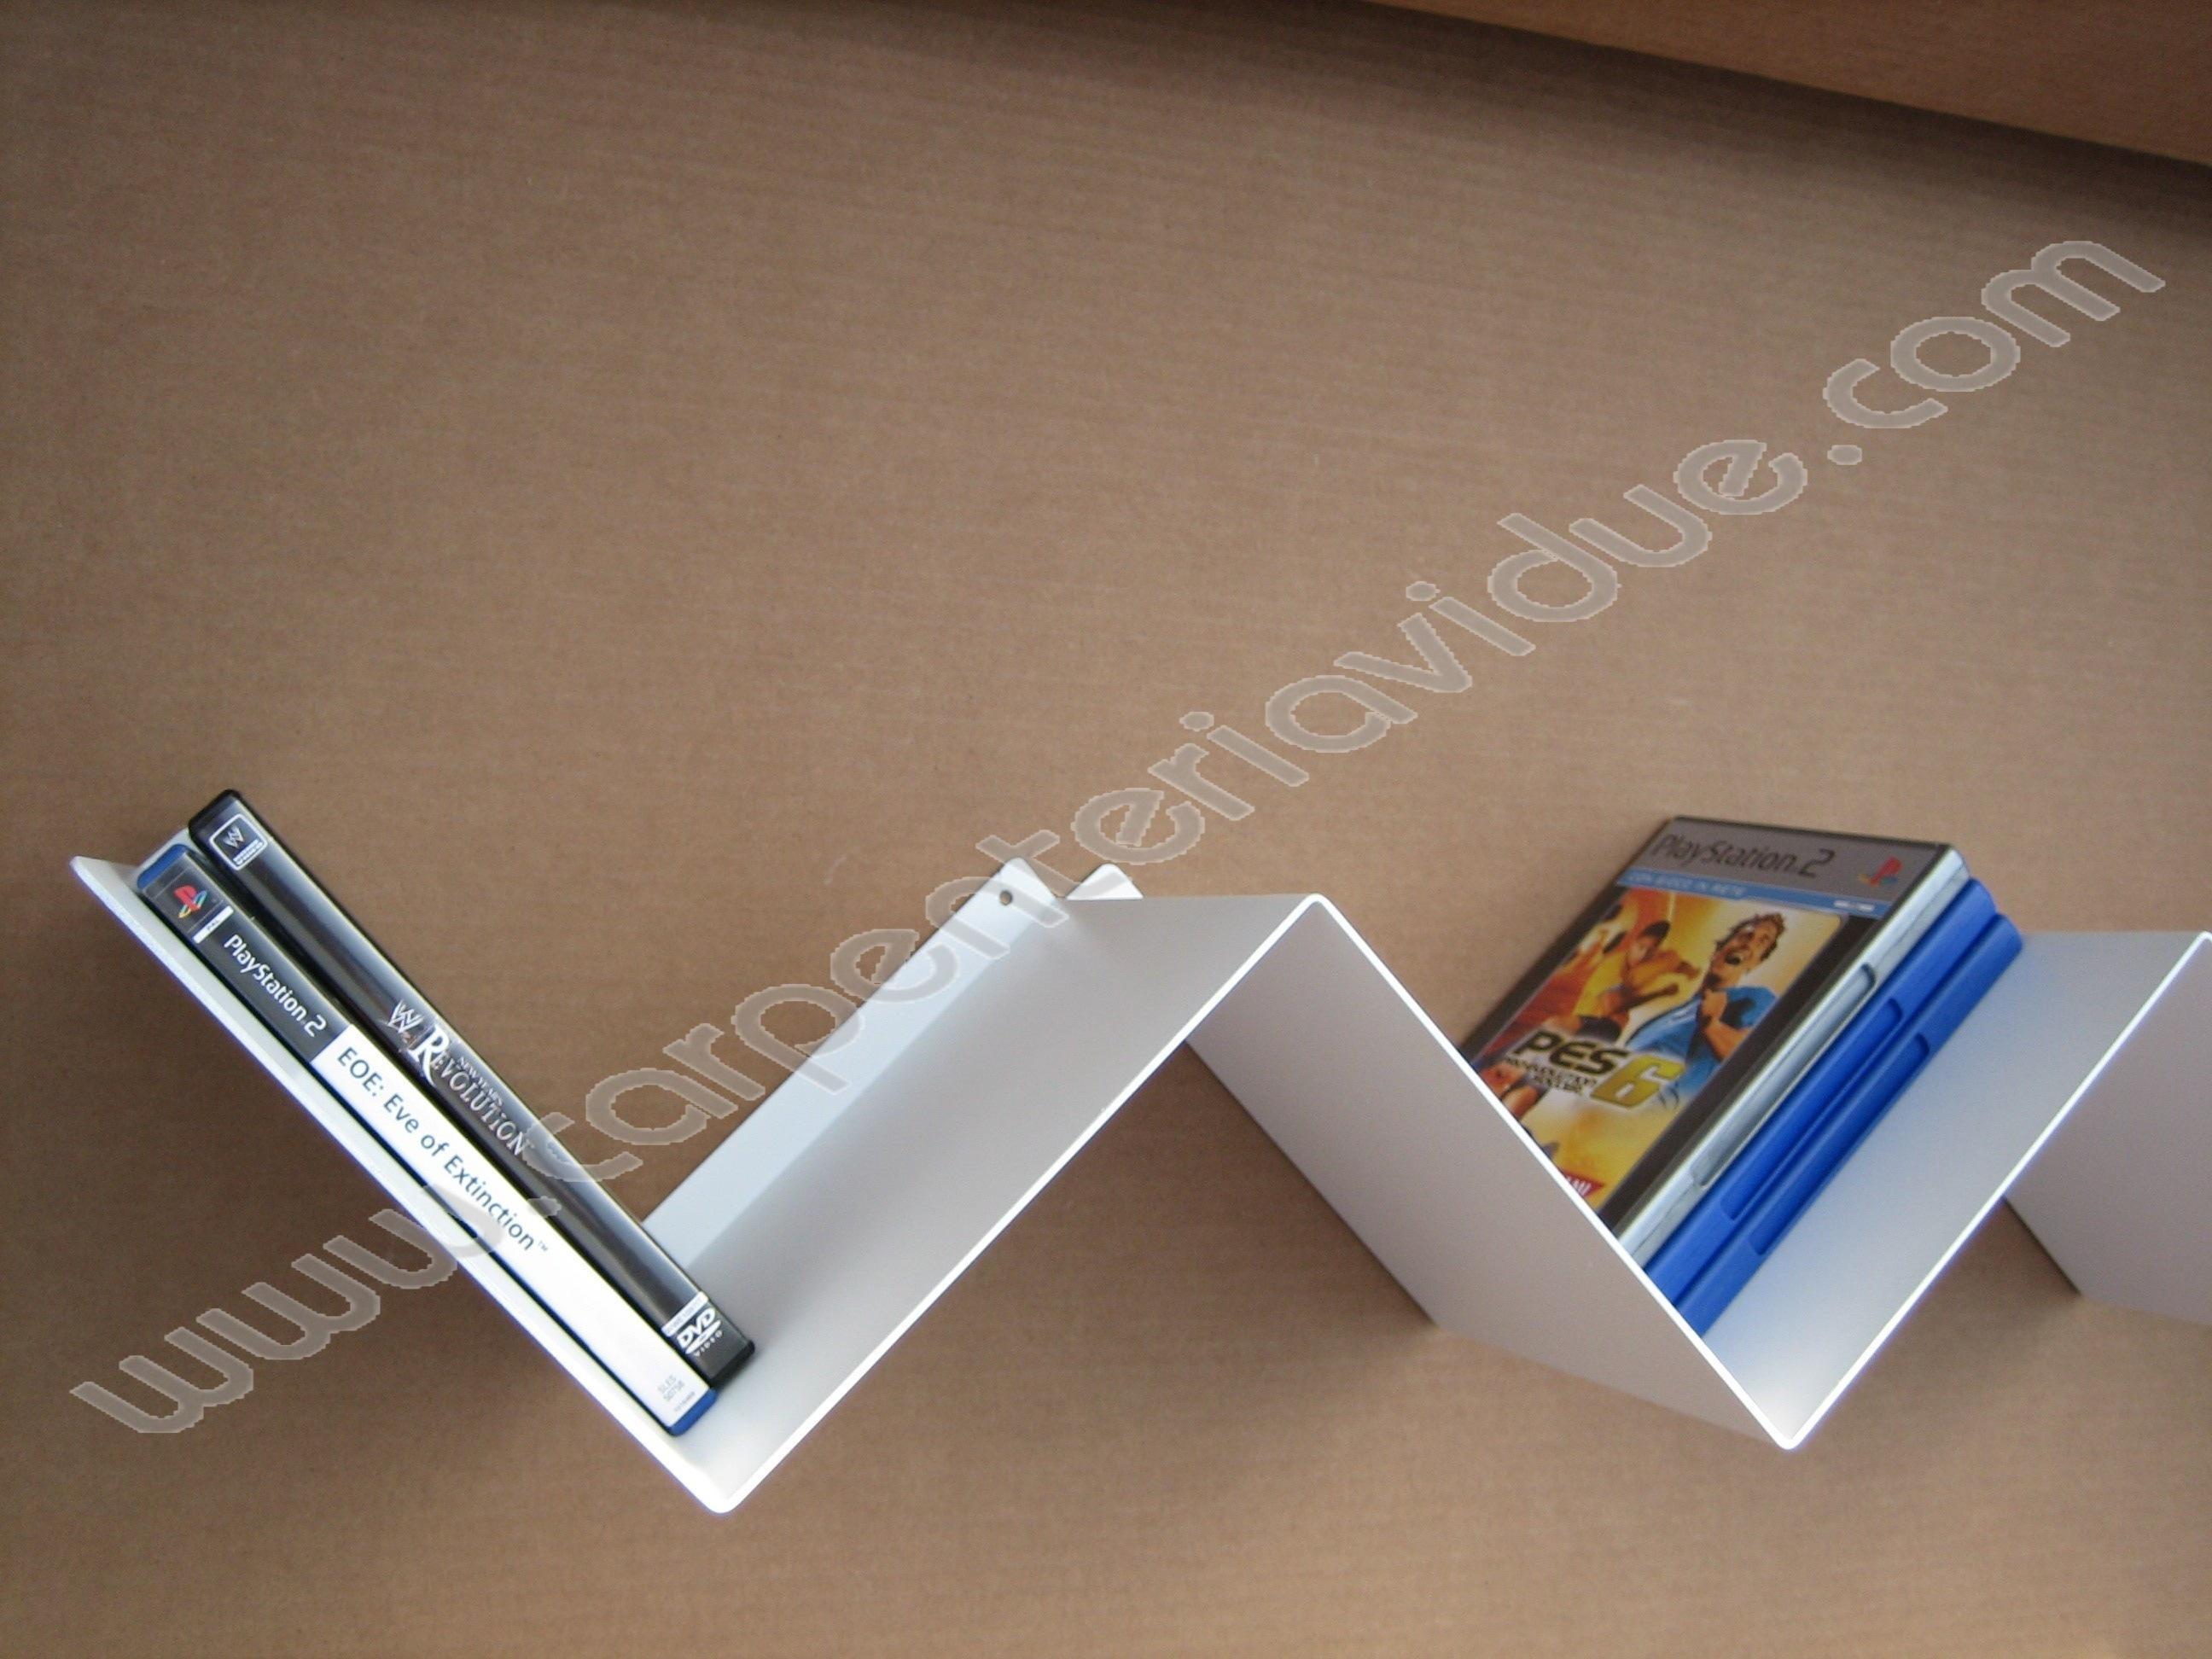 Libreria da muro porta dvd formata da 8 lati in acciaio - Libreria porta dvd ...